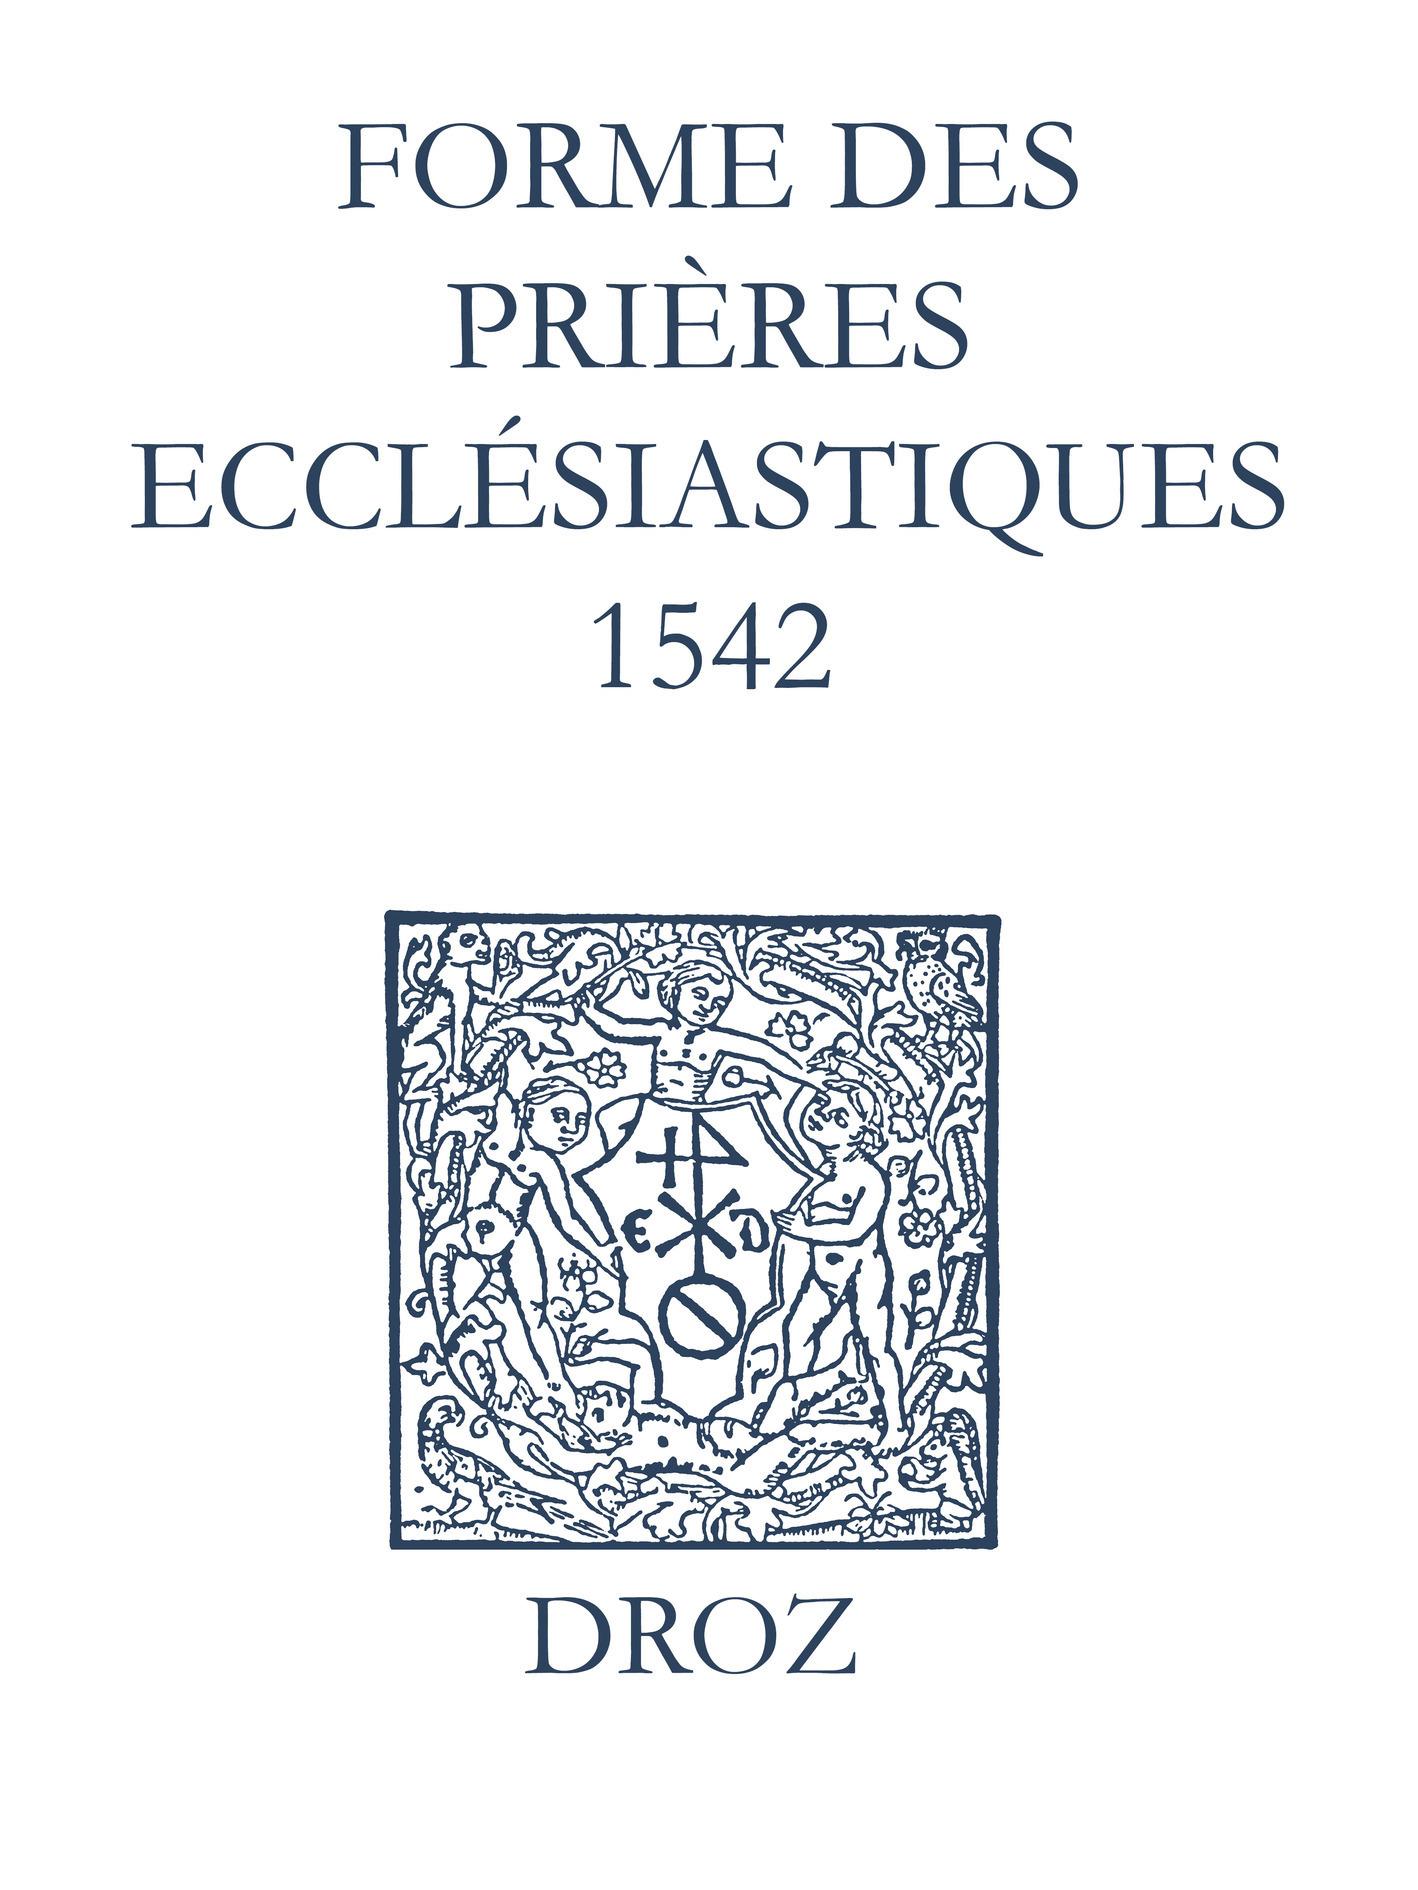 Recueil des opuscules 1566. Forme des prières ecclésiastiques (1542)  - Laurence Vial-Bergon